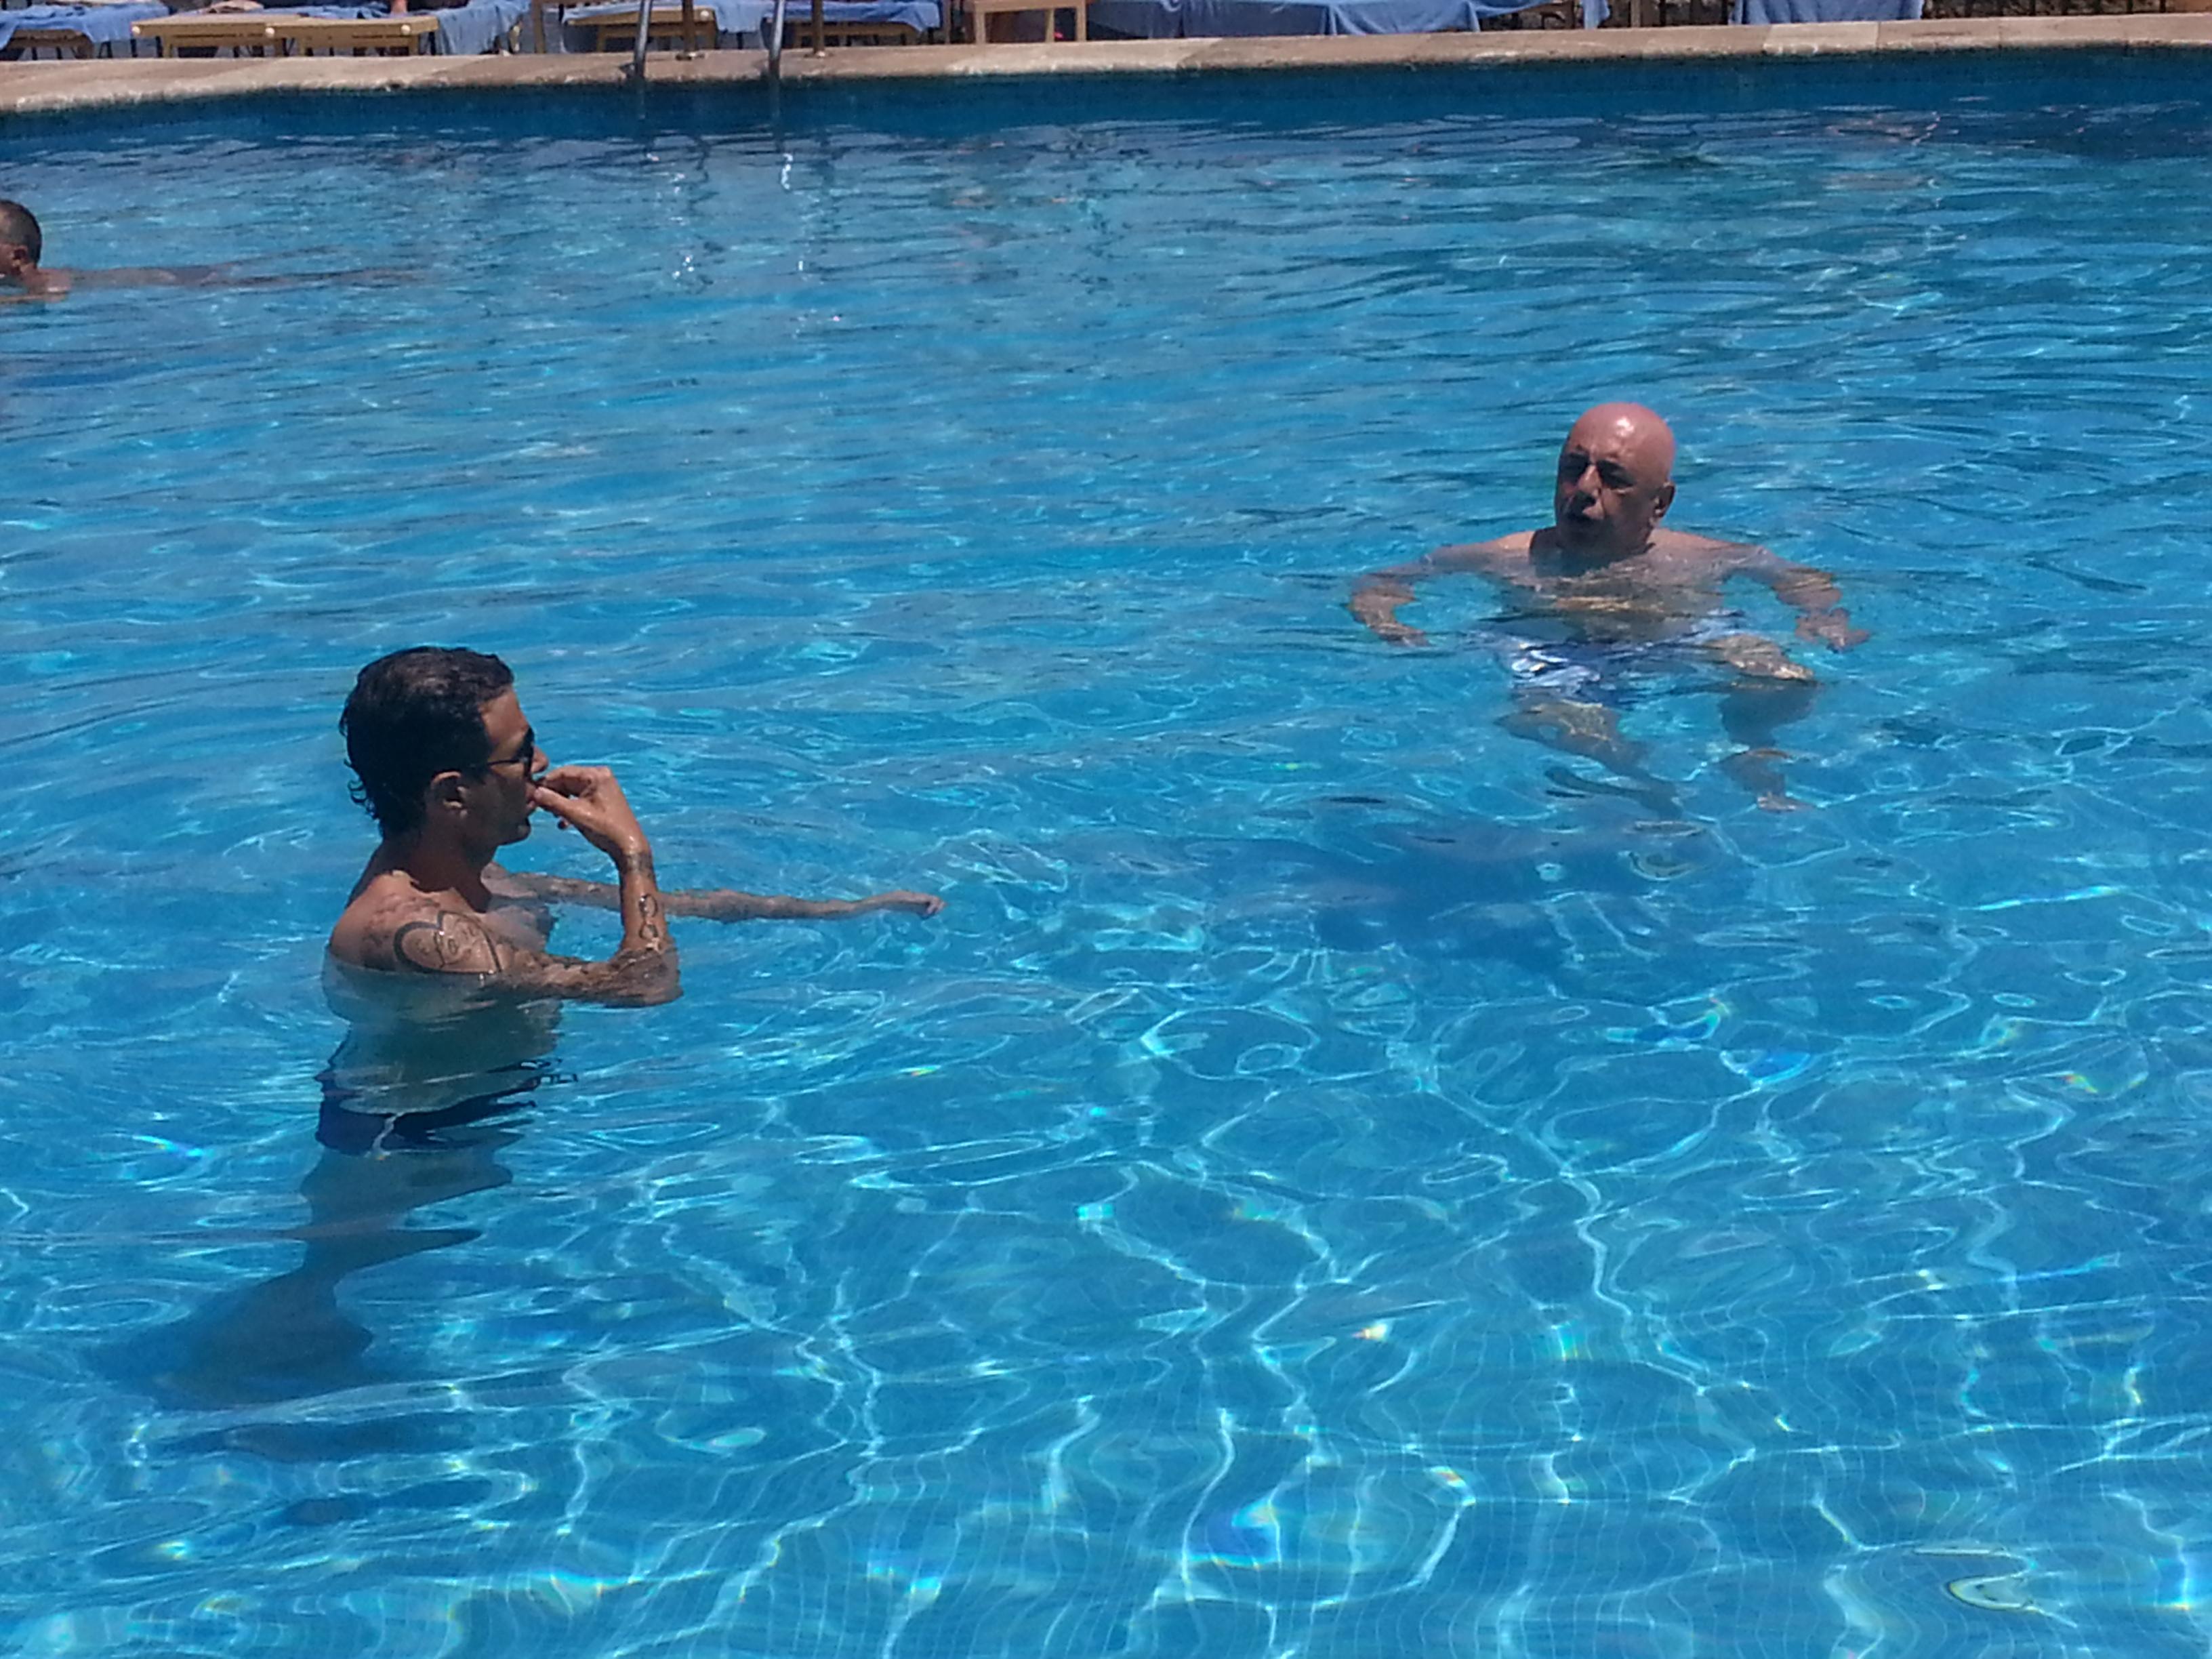 Ha prima fatto colazione con il presidente del Catania Antonino Pulvirenti per poi saggiare le acque della piscina dell'hotel Atlantis Bay della splendida località turistica.